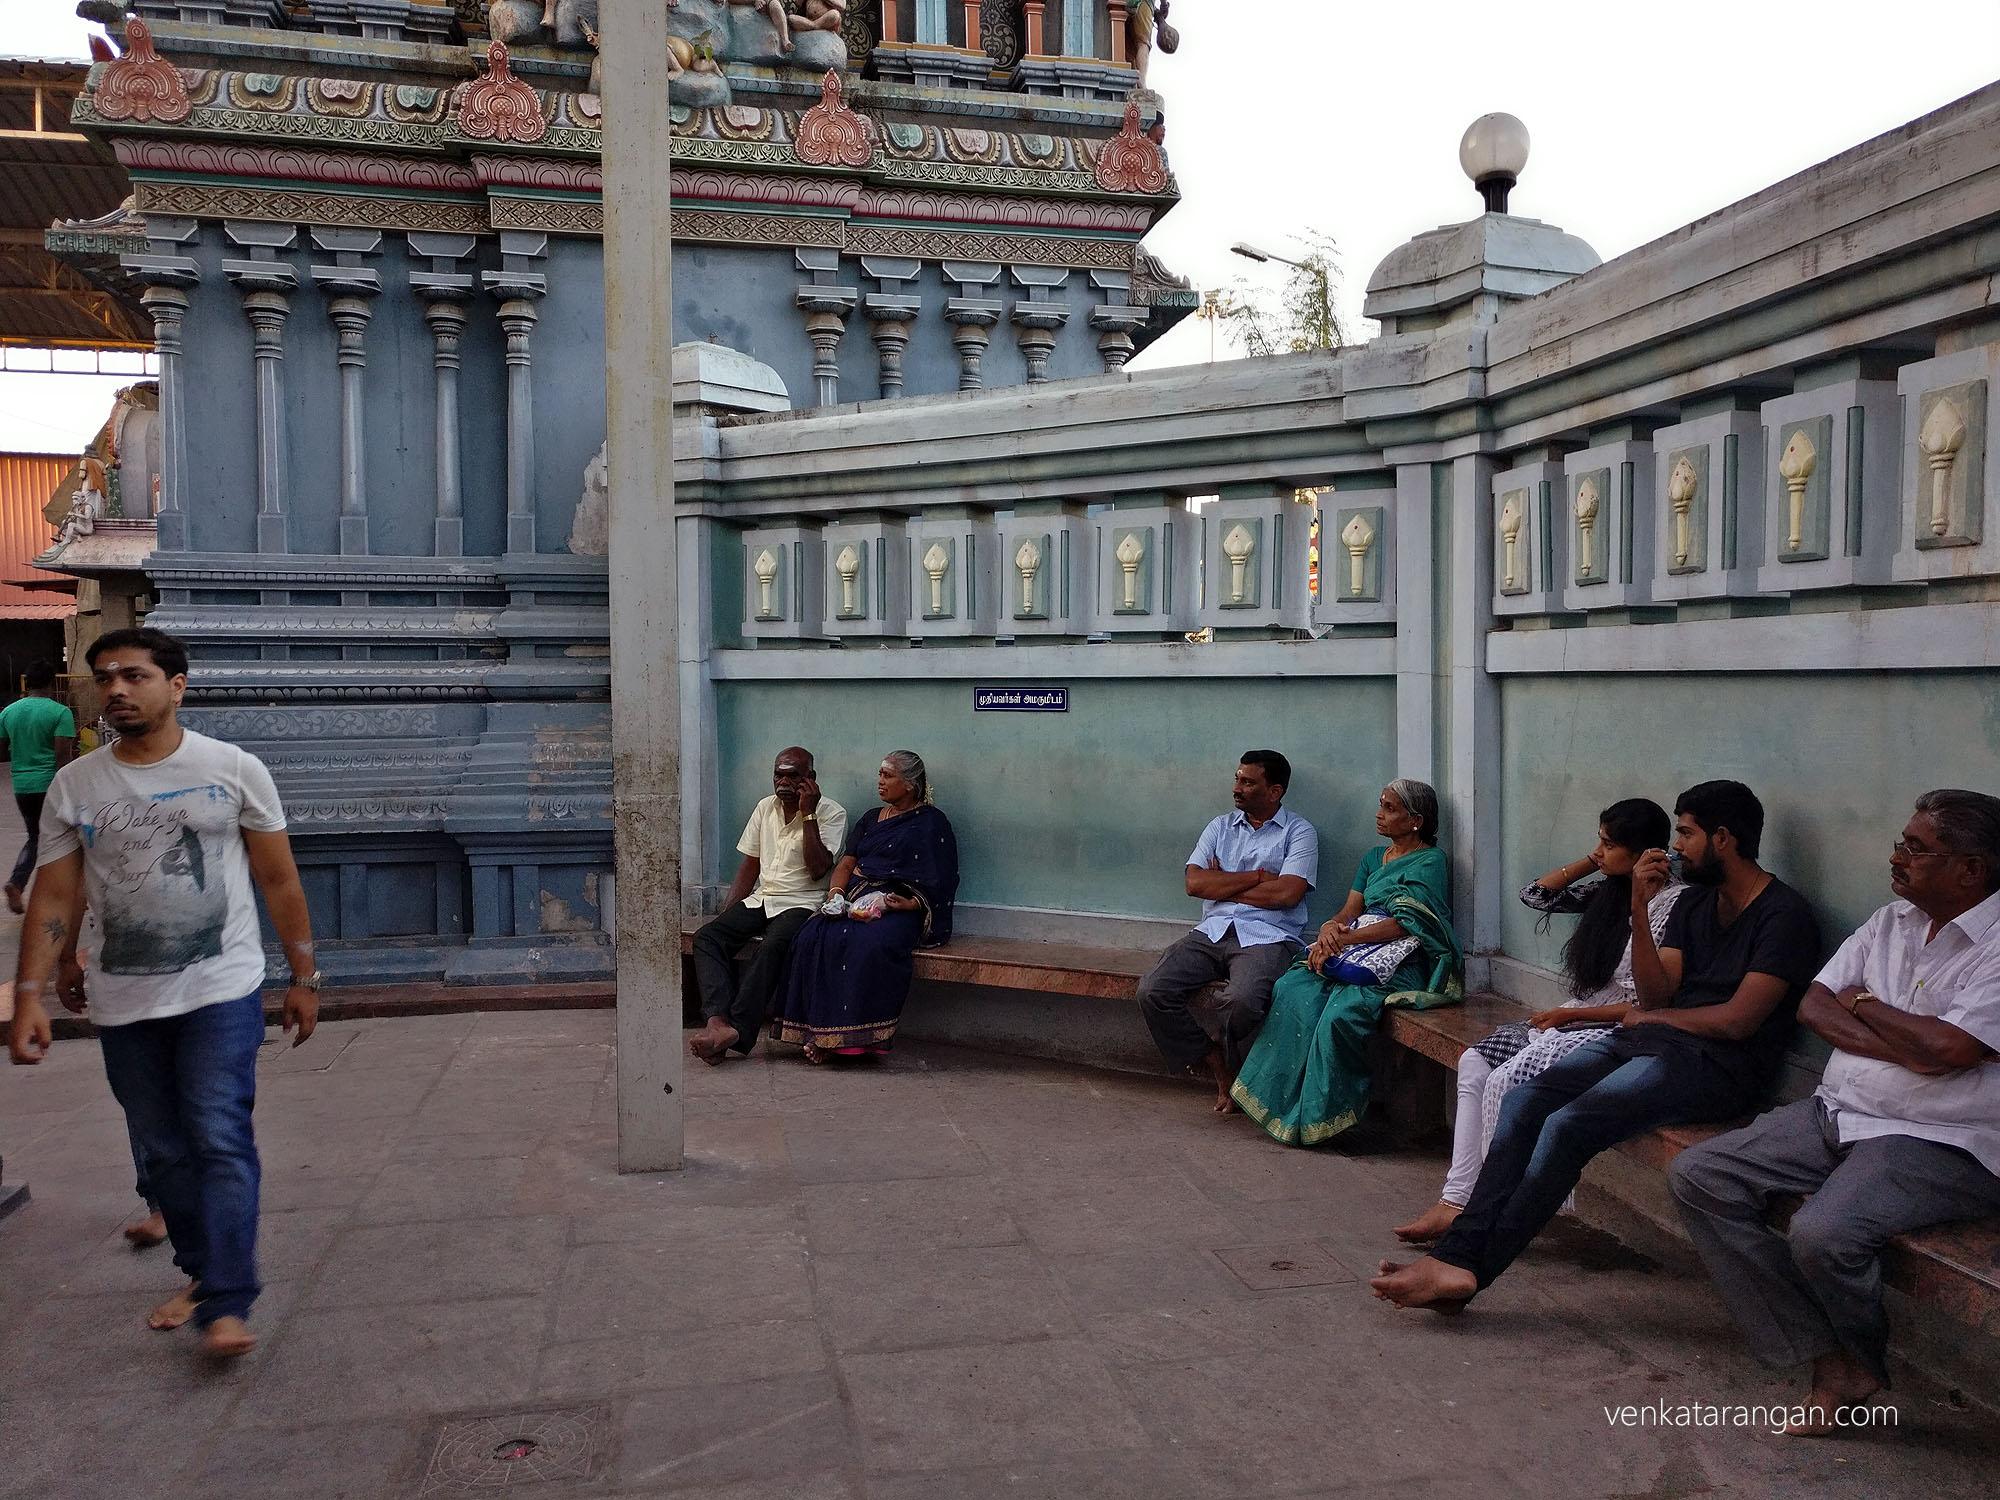 முதியவர்கள் அமருமிடம் (sitting area inside the temple compound for the elderly.)